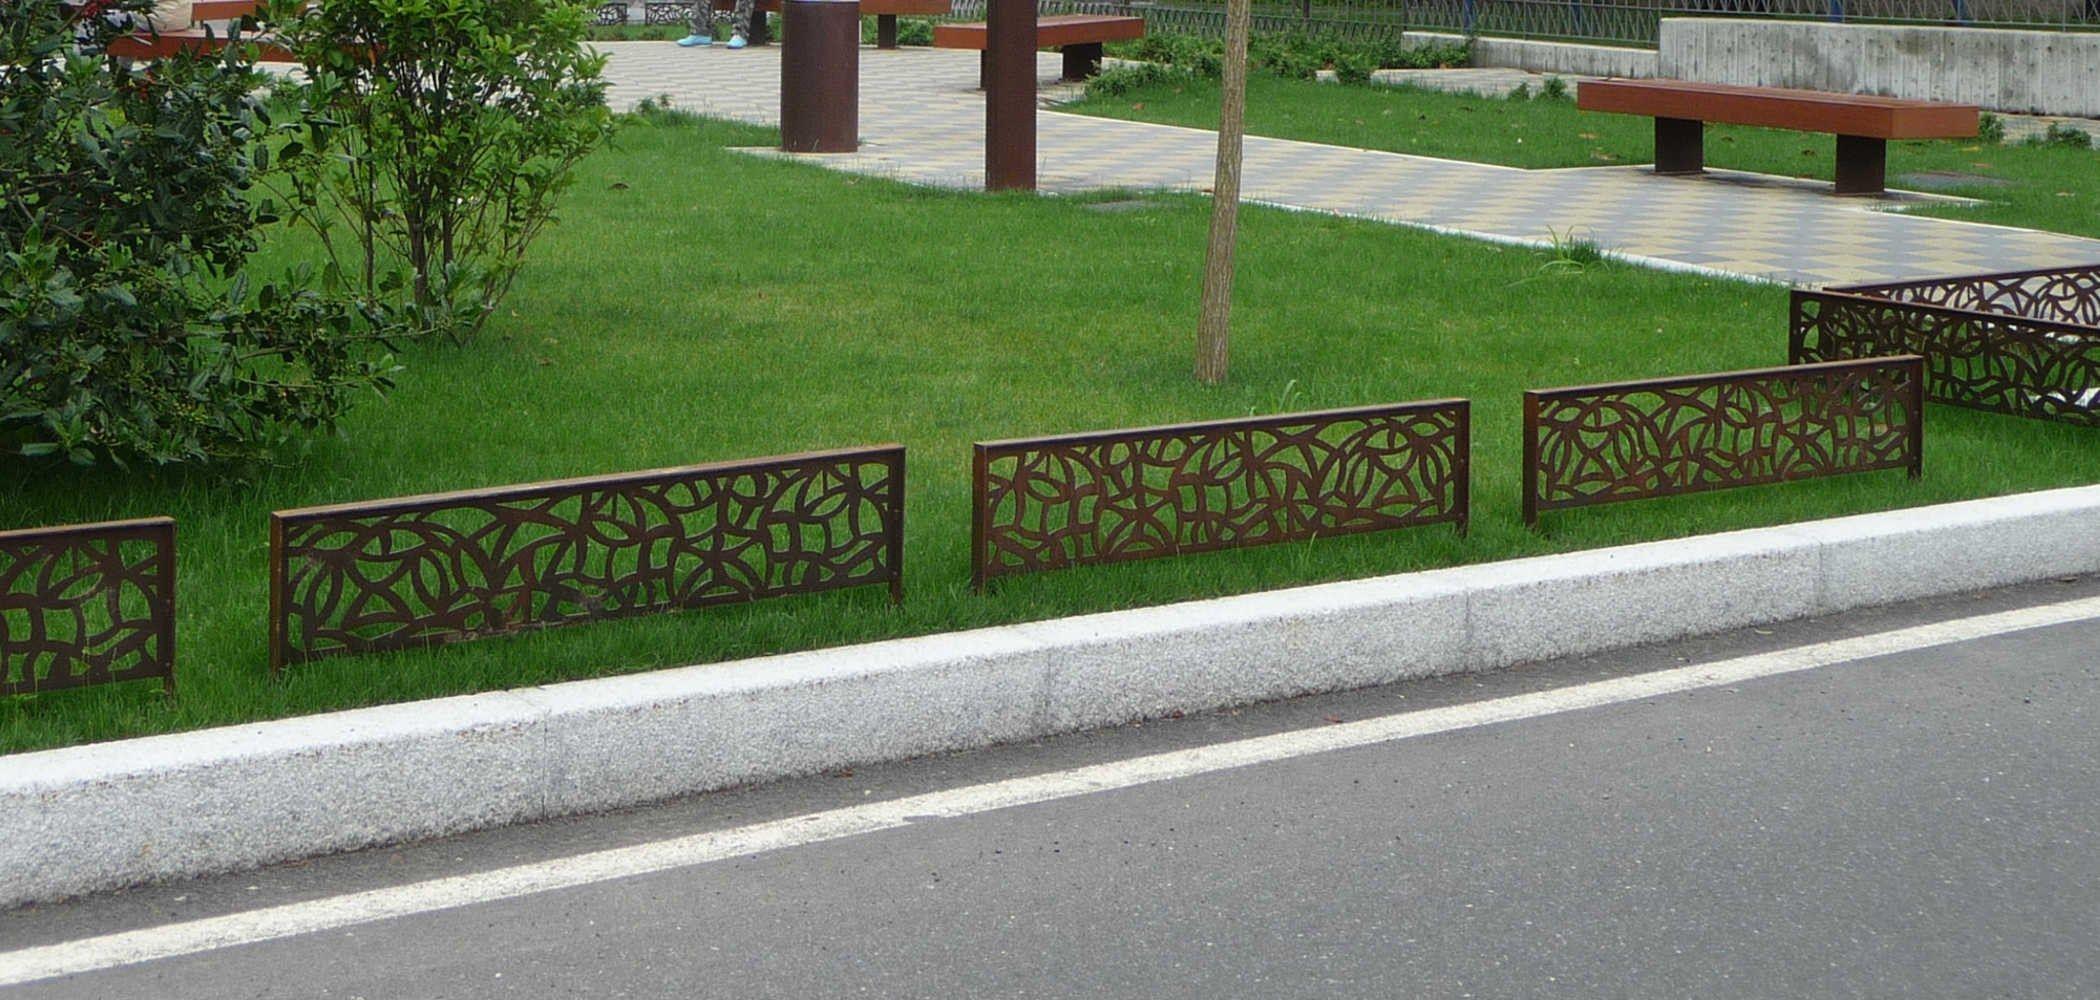 mobiliario urbano jardim : mobiliario urbano jardim:VEDAÇÃO DE CORTEN™ GALA BY METALCO